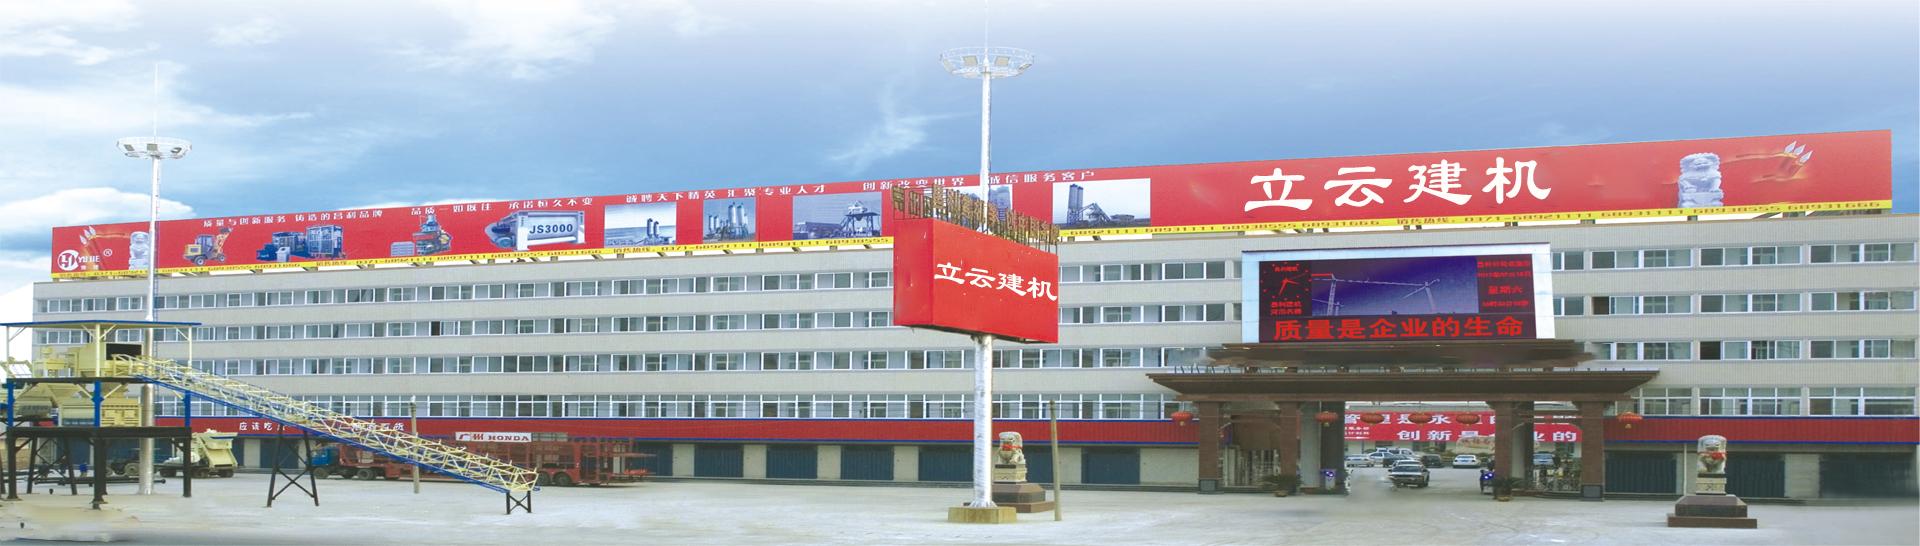 云南必威体育官网bw1958必威体育备用网址竞猜